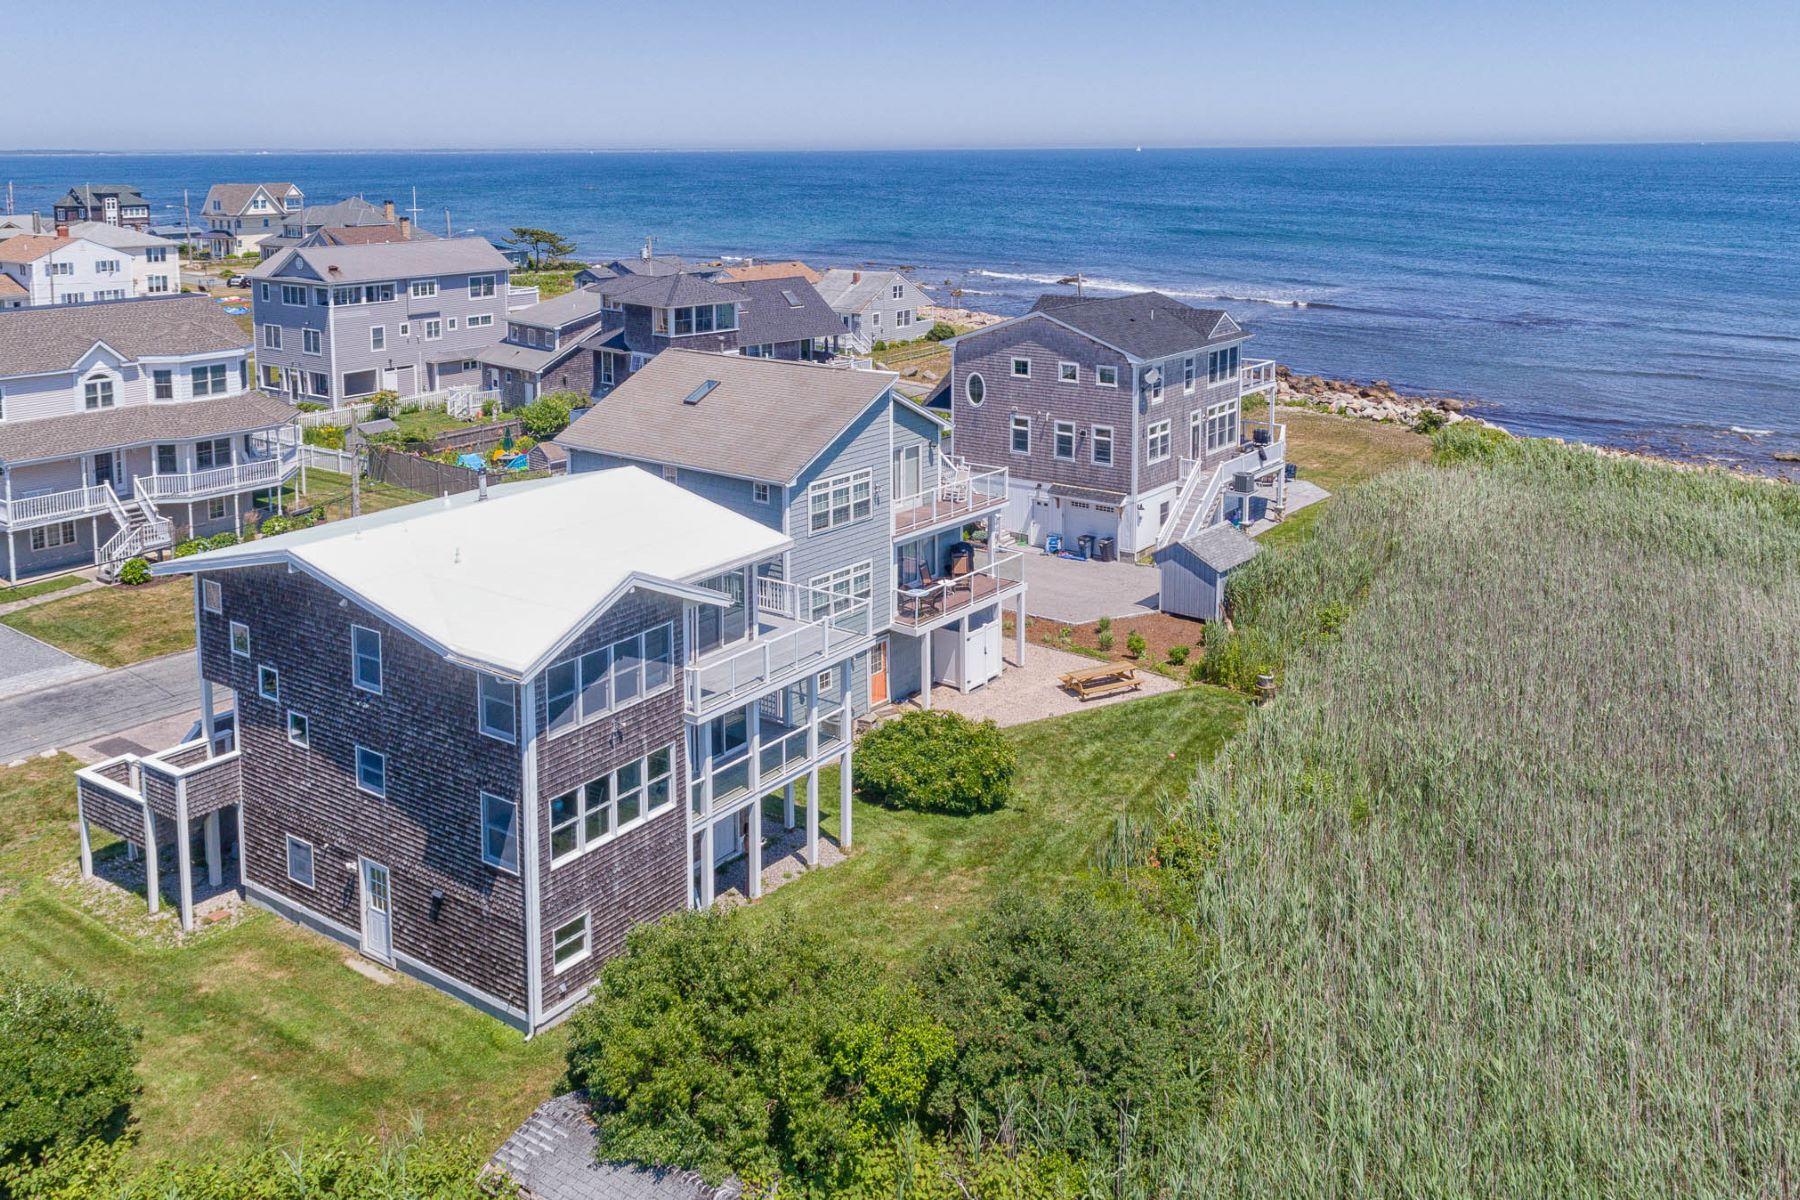 Μονοκατοικία για την Πώληση στο 15 Rosewood Av, Narragansett, RI Narragansett, Ροουντ Αϊλαντ 02882 Ηνωμένες Πολιτείες